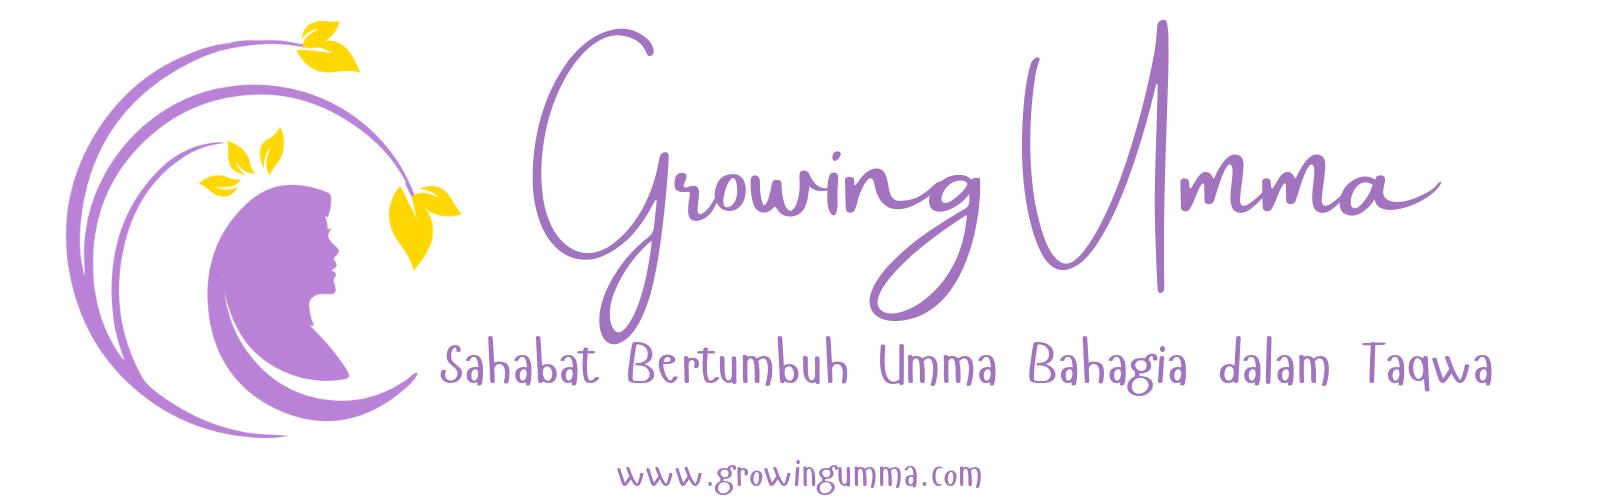 Growing Umma